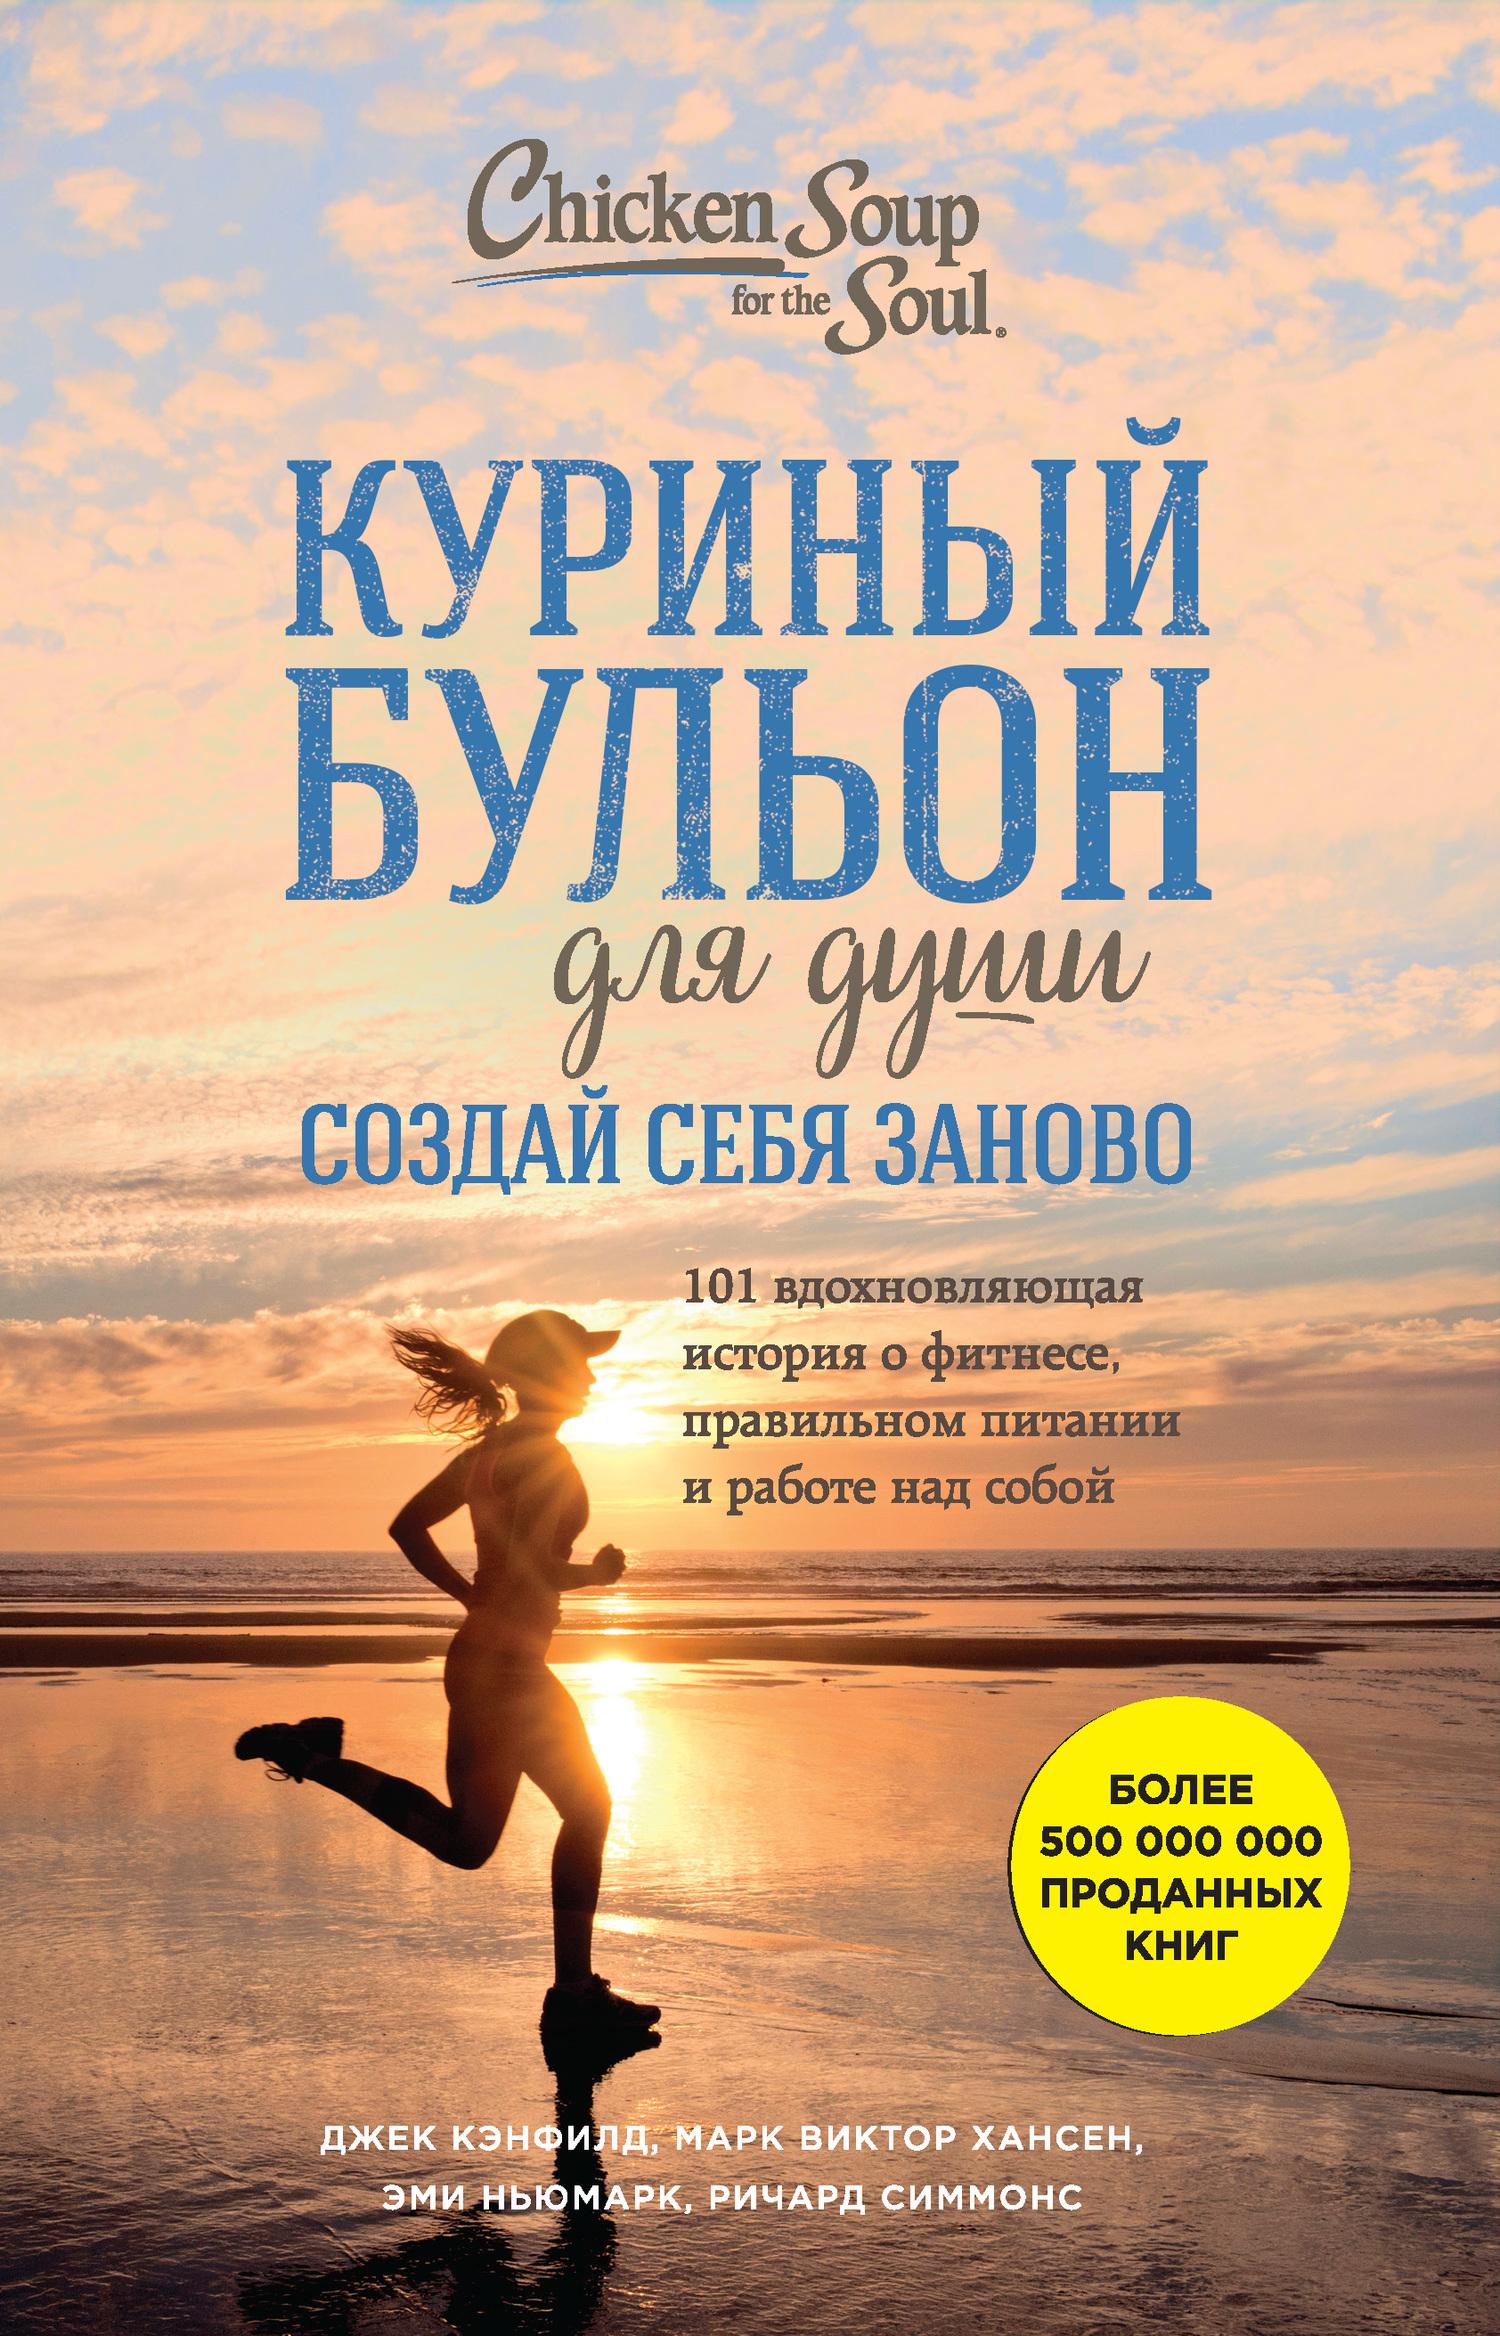 983feddf66b1 Книга  Куриный бульон для души. Создай себя заново. 101 вдохновляющая  история о фитнесе, правильном питании и работе над собой